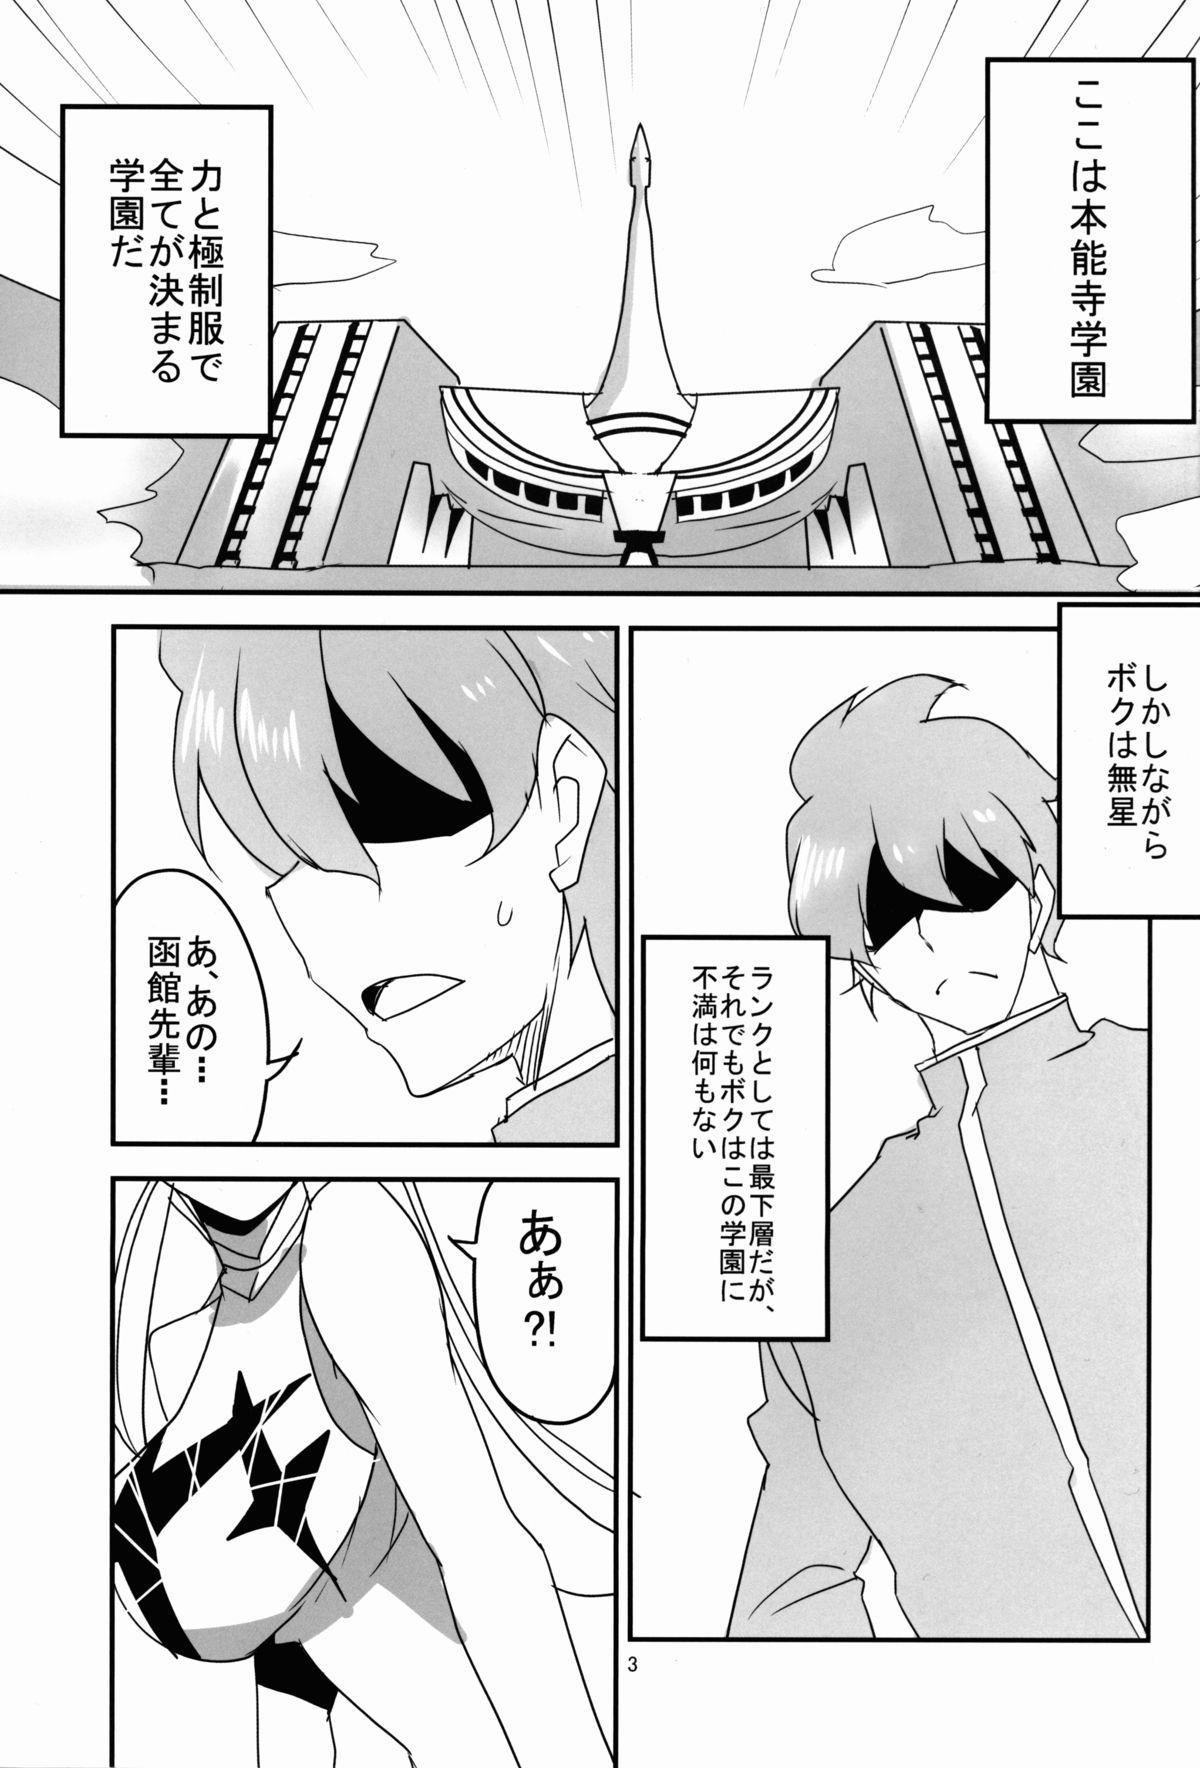 Gokuseifuku no Kanojo 3